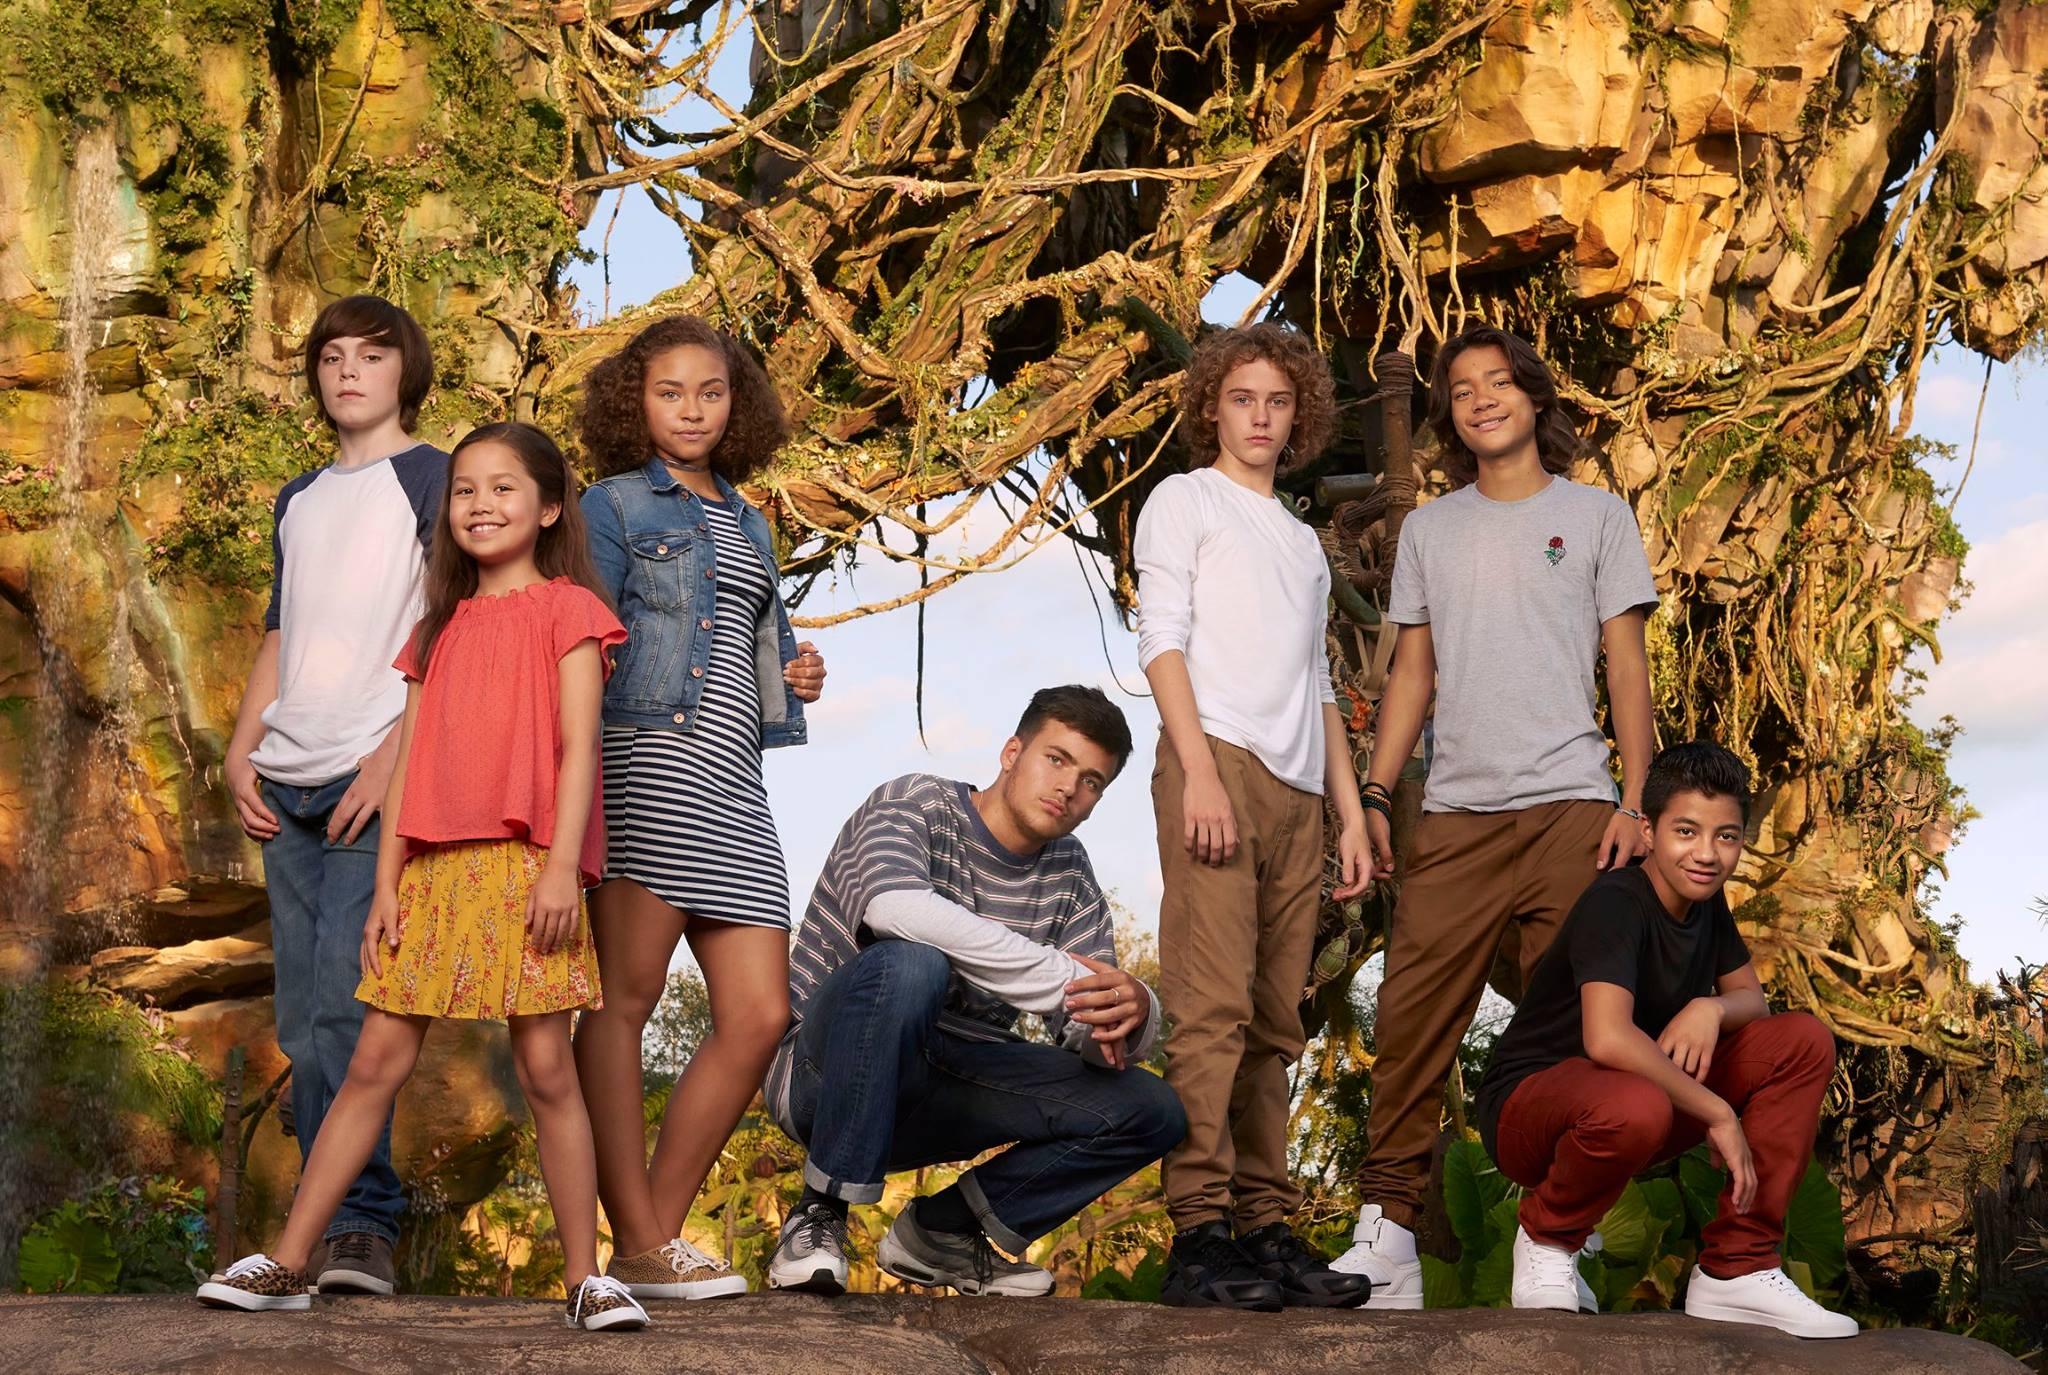 Troisième photo des enfants des Avatar Sequels prise au parc Disney Animal Kingdom à Orlando